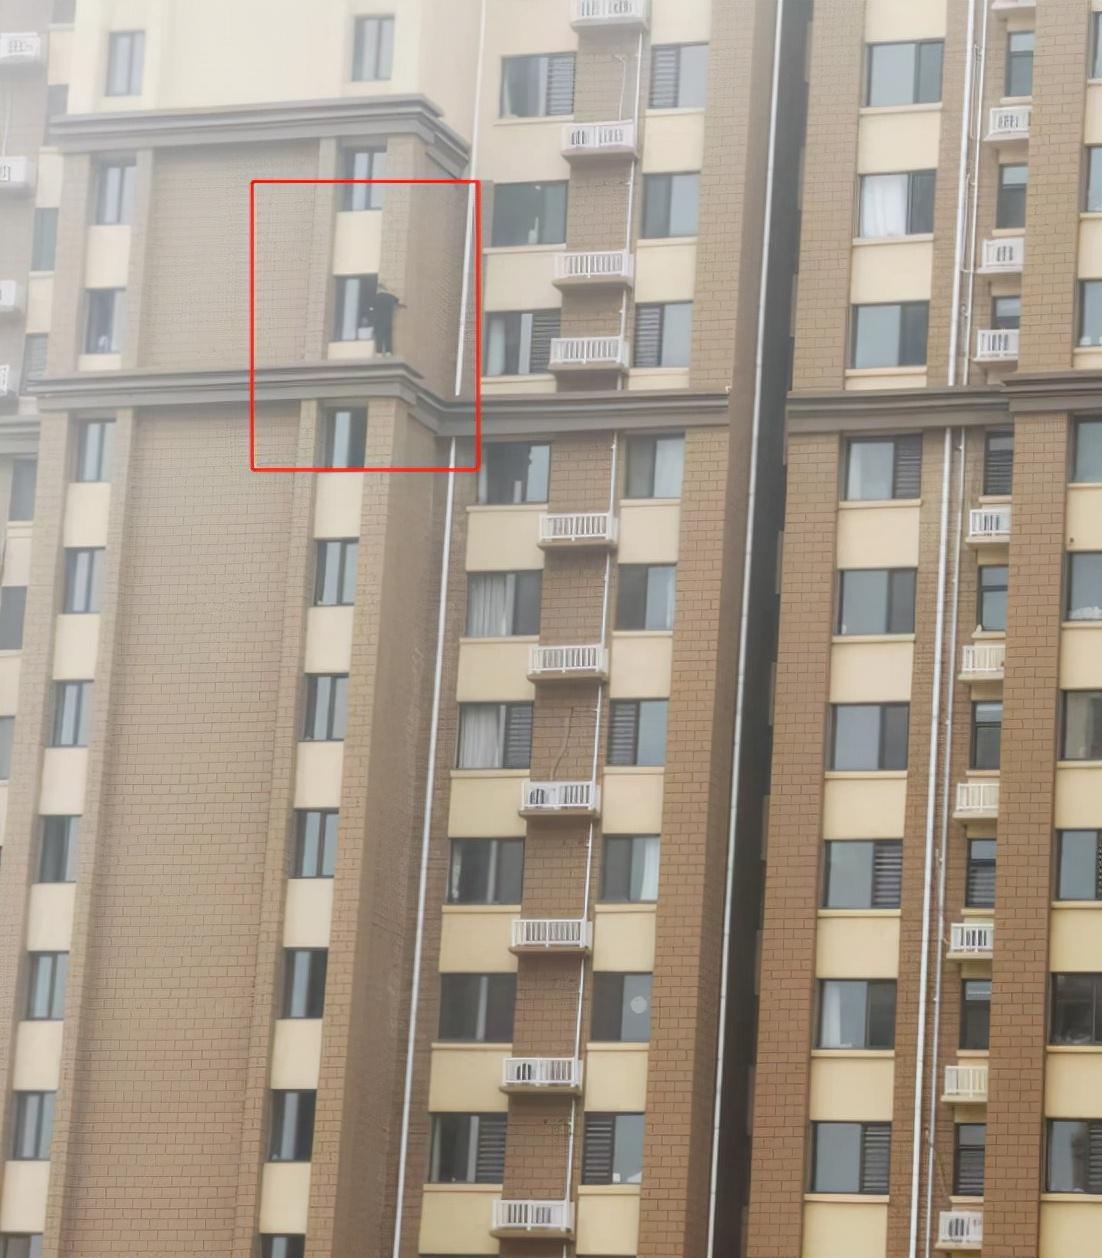 男子将孩子从29楼扔下还捅伤妻子!物业:孩子身亡、妻子送医抢救,疑因夫妻吵架引发